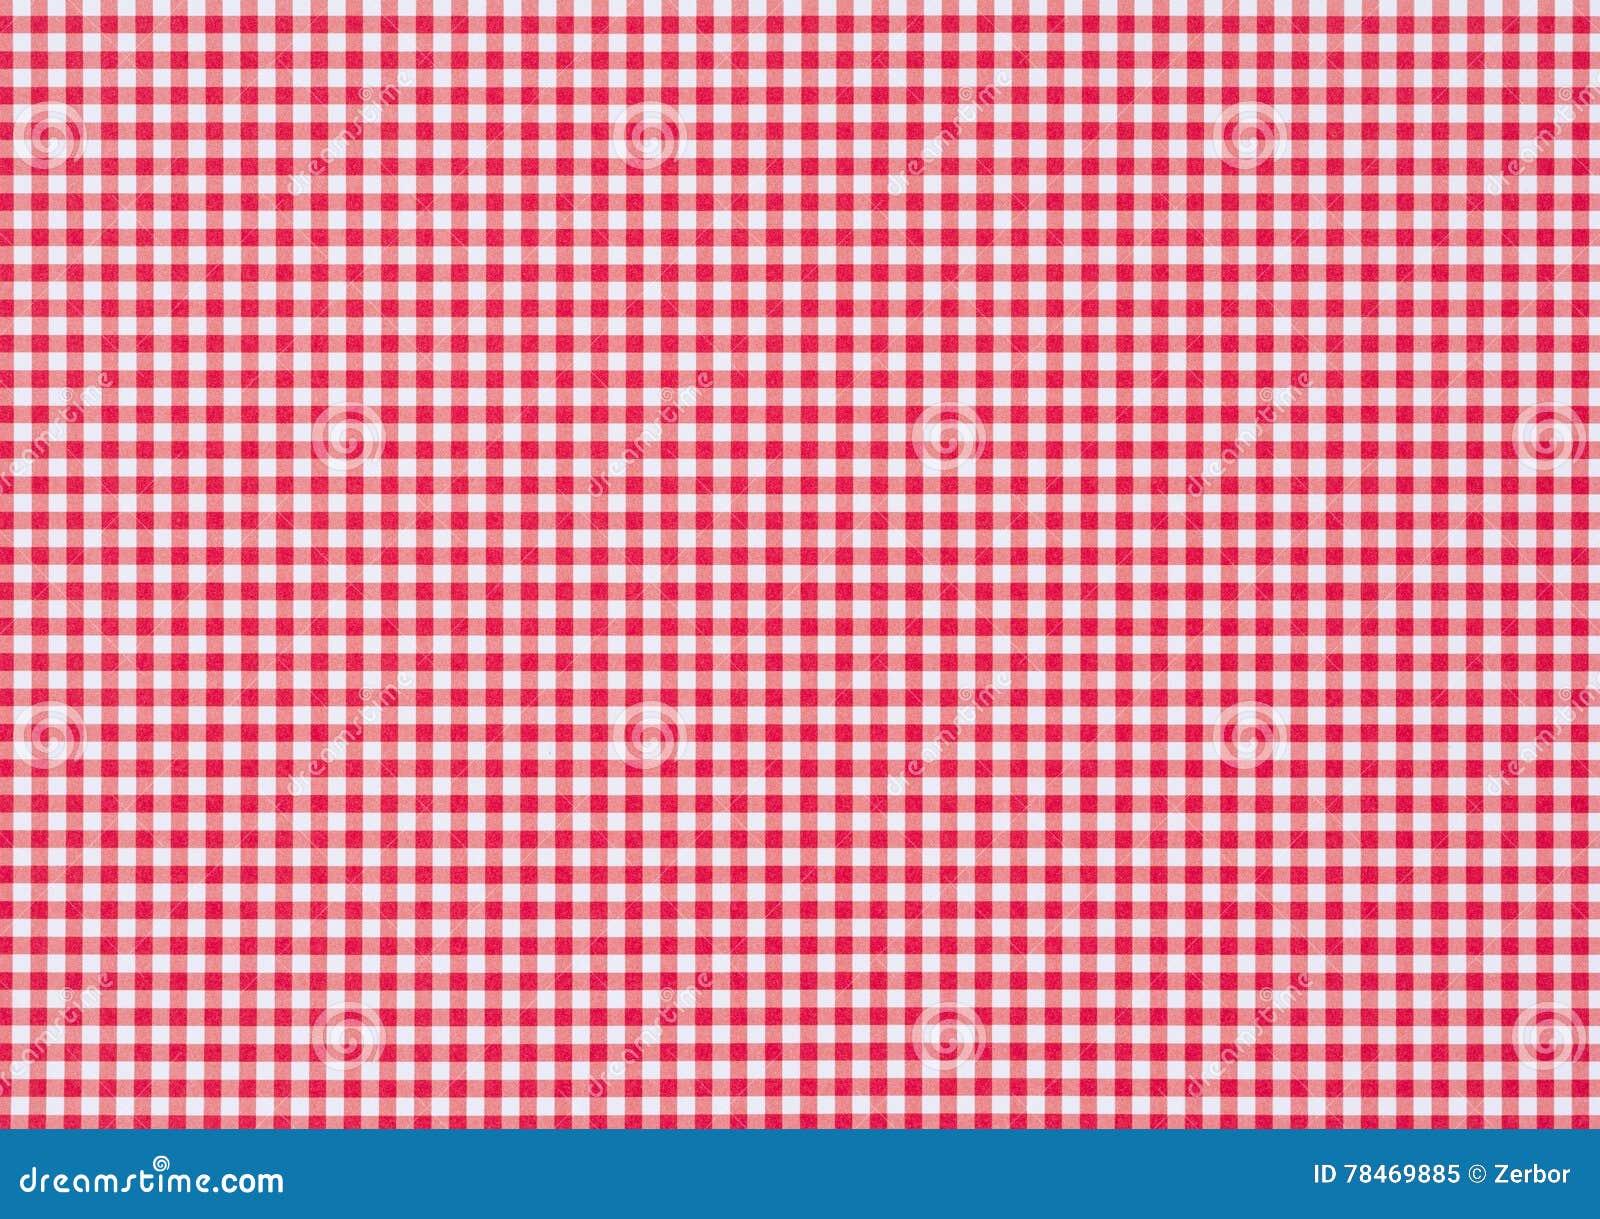 Fondo Di Carta A Quadretti Bianco Rosso Immagine Stock Immagine Di